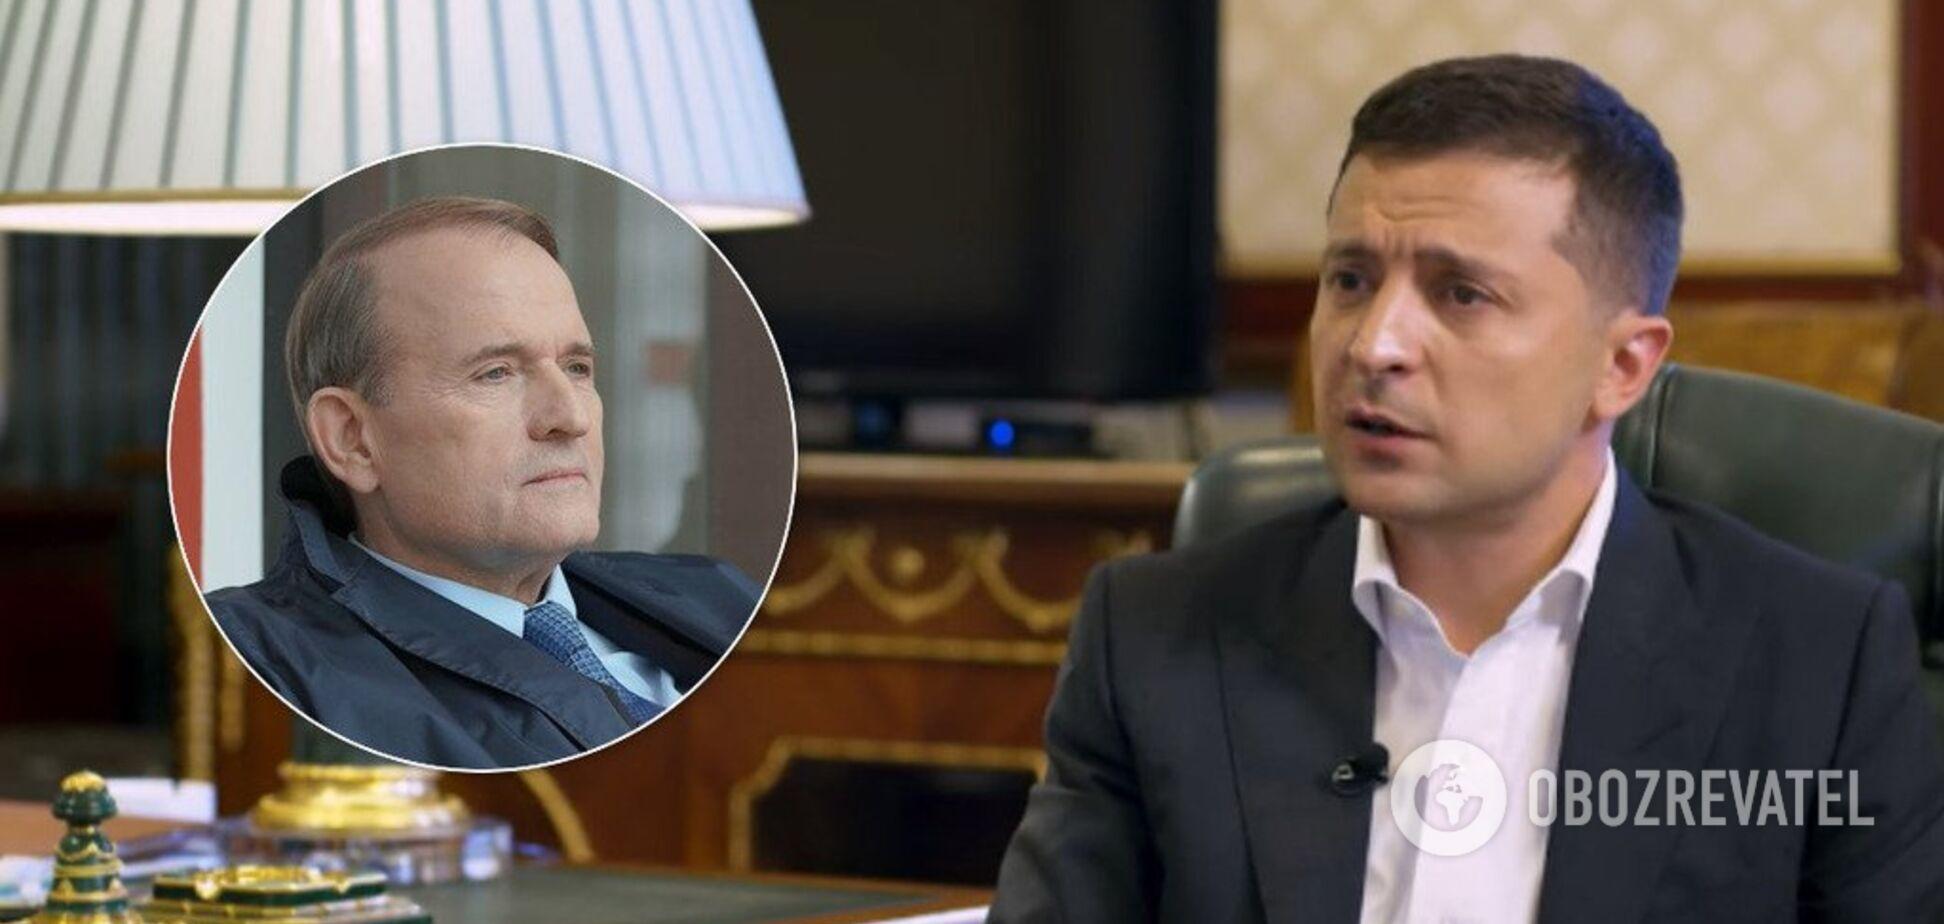 'Закончится очень плохо': Зеленский сделал громкое заявление о судьбе Медведчука